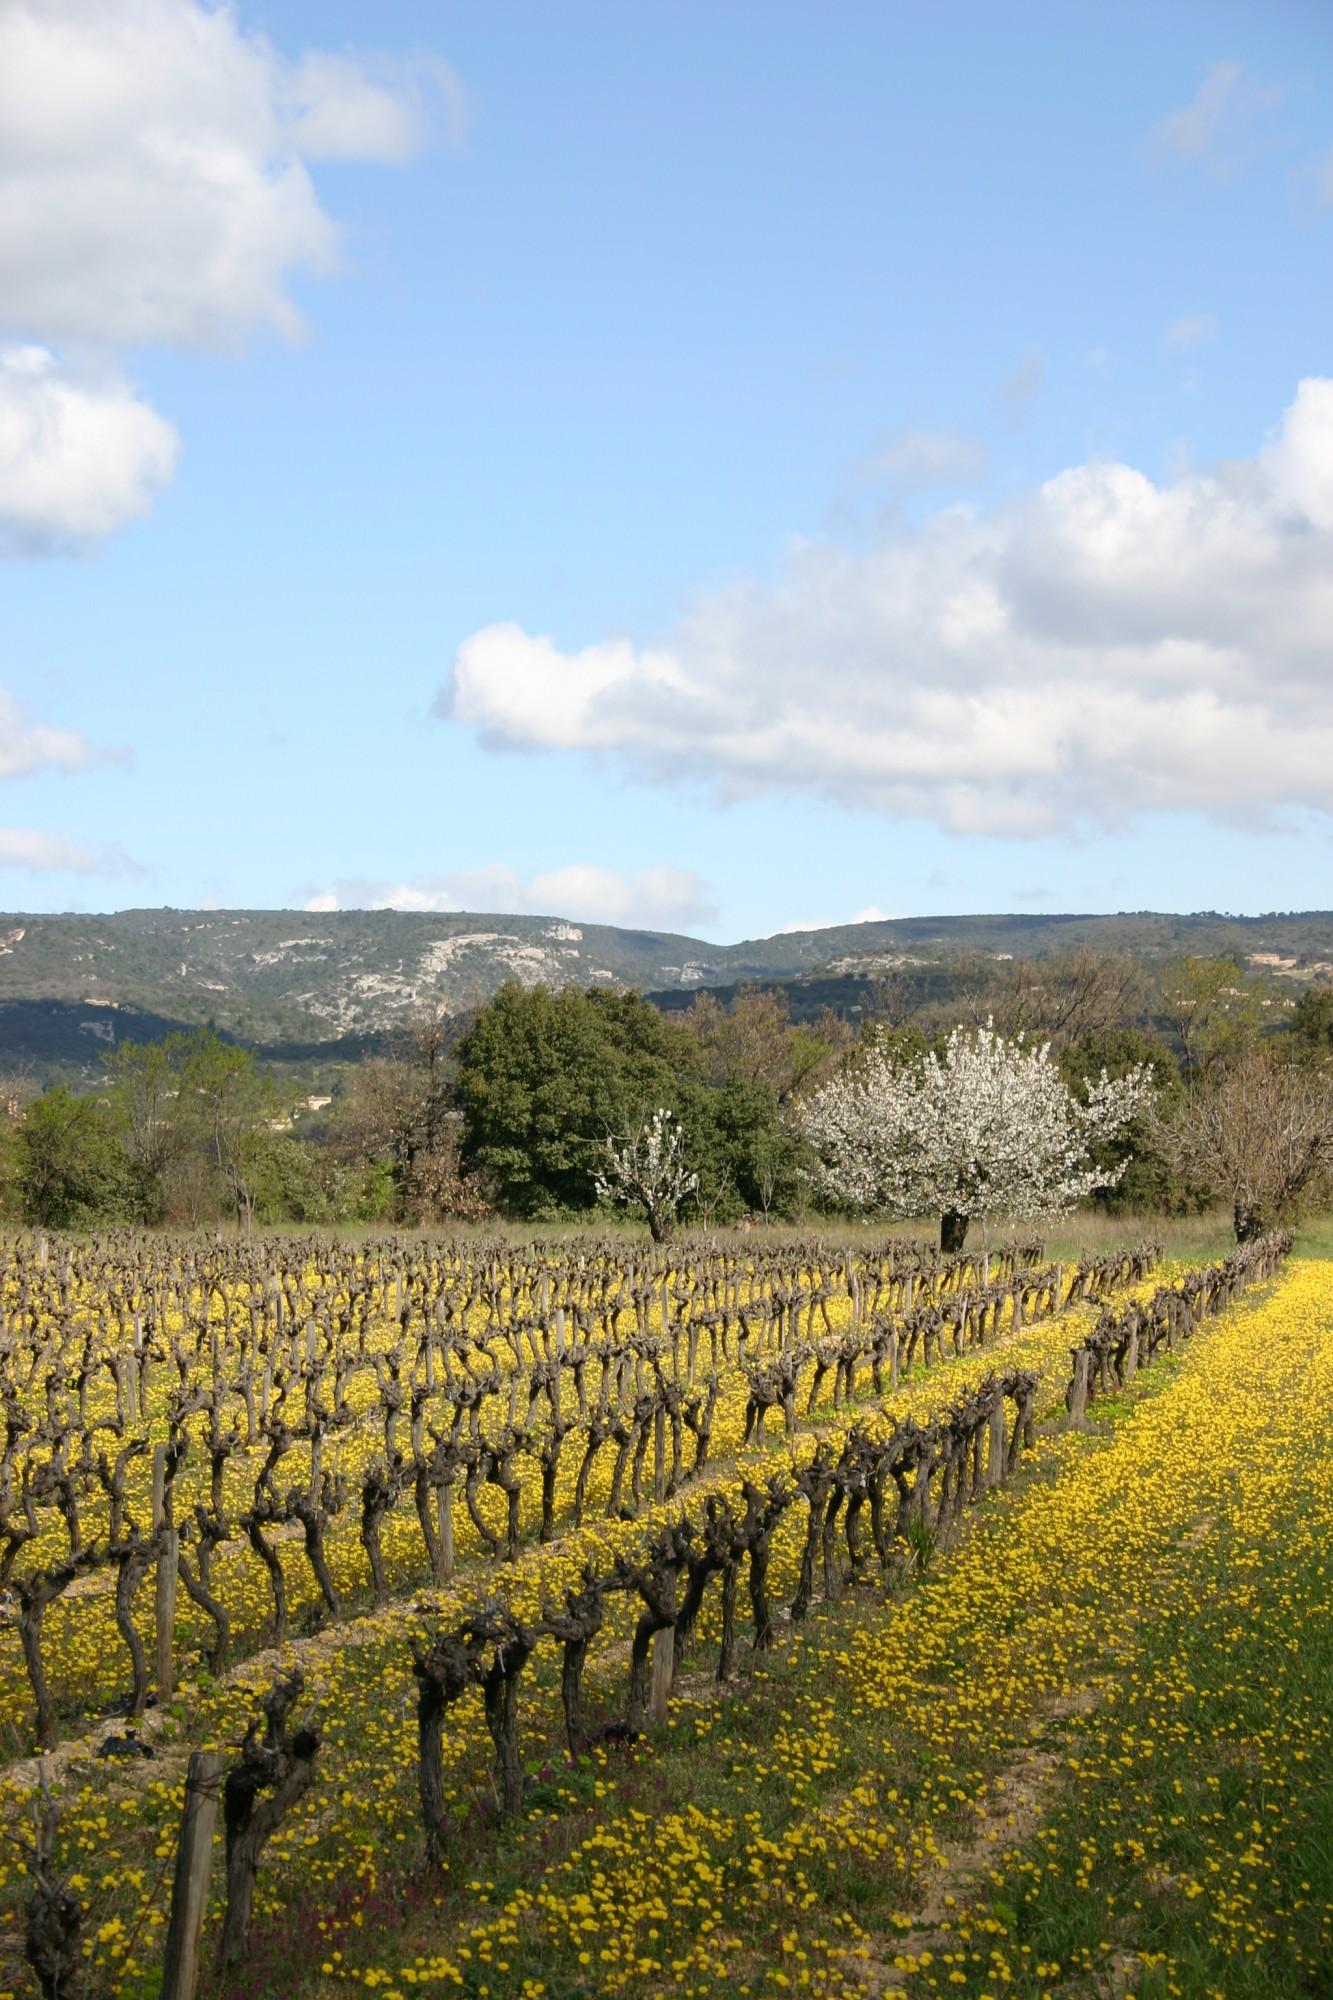 La vigne du Luberon, au coeur du triangle d'or